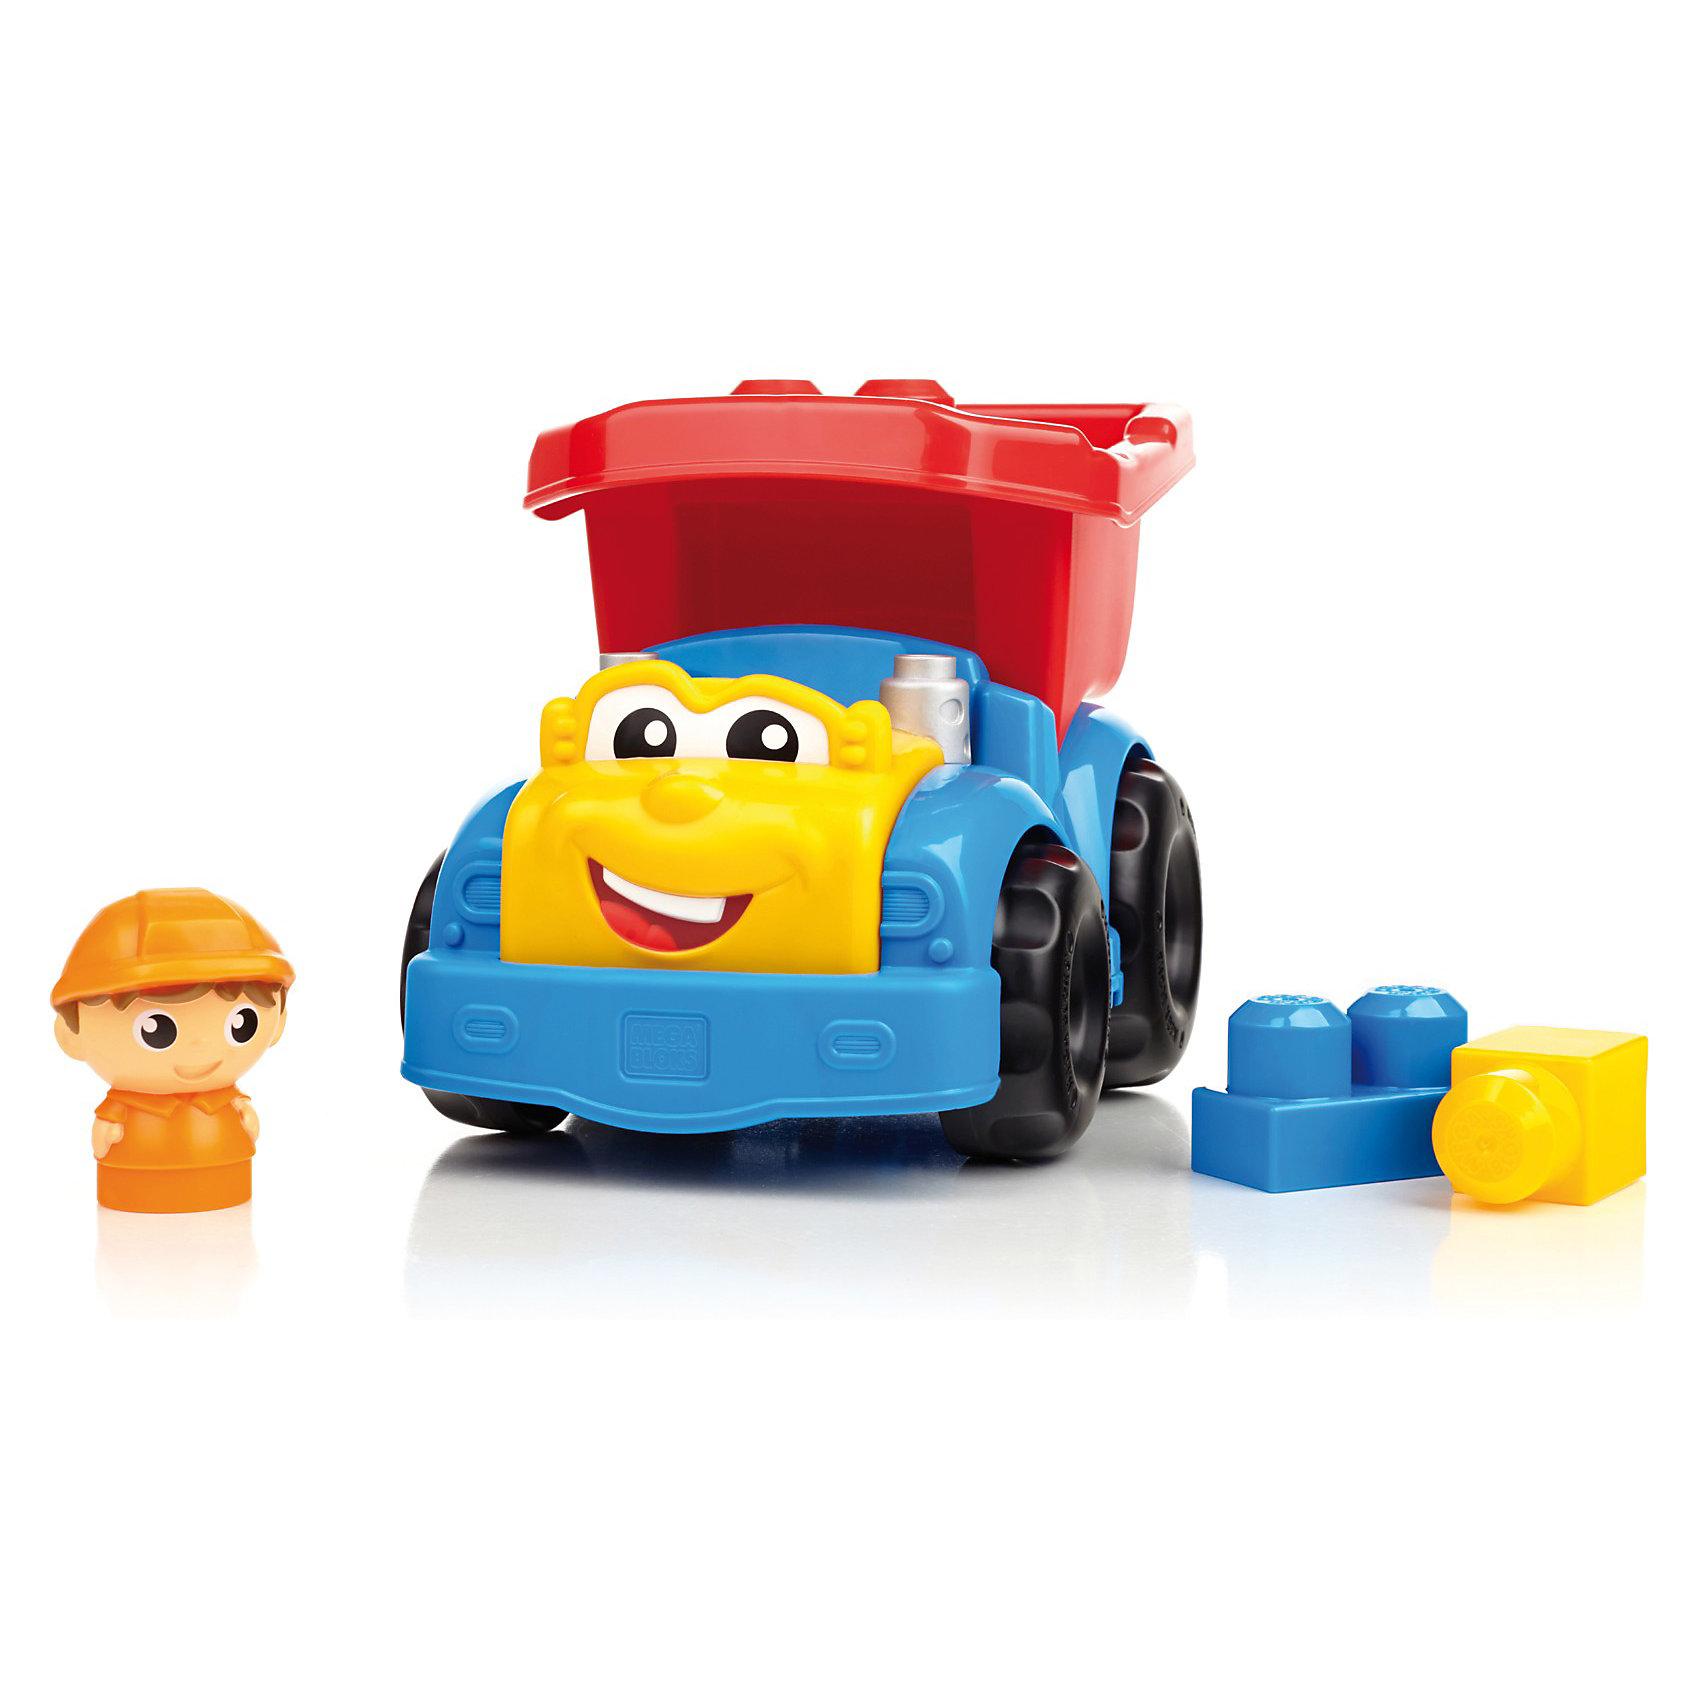 Маленькая машинка First Builders MEGA BLOKSПластмассовые конструкторы<br>Самосвал Дилан, Mega Bloks First Builders, приятно порадует Вашего малыша. Машинка выполнена в ярких красочных цветах, у Дилана забавное личико с веселой улыбкой и большие глаза. Кузов грузовика откидывается, его можно загрузить шестью входящими в комплект блоками или же отправить Дилана на поиски другого полезного груза. Управляет грузовиком веселый водитель, который будет рад любой работе. Грузовик и детали имеют крупный размер и форму, удобную для детских ручек. Набор совместим с другими наборами серии First Builders.<br><br>Дополнительная информация:<br><br>- В комплекте: грузовик, 6 деталей, фигурка водителя.   <br>- Материал: пластик.<br>- Размер игрушки: 15,5 х 17 х 23 см.<br>- Размер упаковки: 23 x 16 x 17 см. <br>- Вес: 0,53 кг.<br><br>Самосвал Дилан, MEGA BLOKS First Builders, можно купить в нашем интернет-магазине.<br><br>Ширина мм: 272<br>Глубина мм: 164<br>Высота мм: 180<br>Вес г: 459<br>Возраст от месяцев: 12<br>Возраст до месяцев: 48<br>Пол: Унисекс<br>Возраст: Детский<br>SKU: 2910775